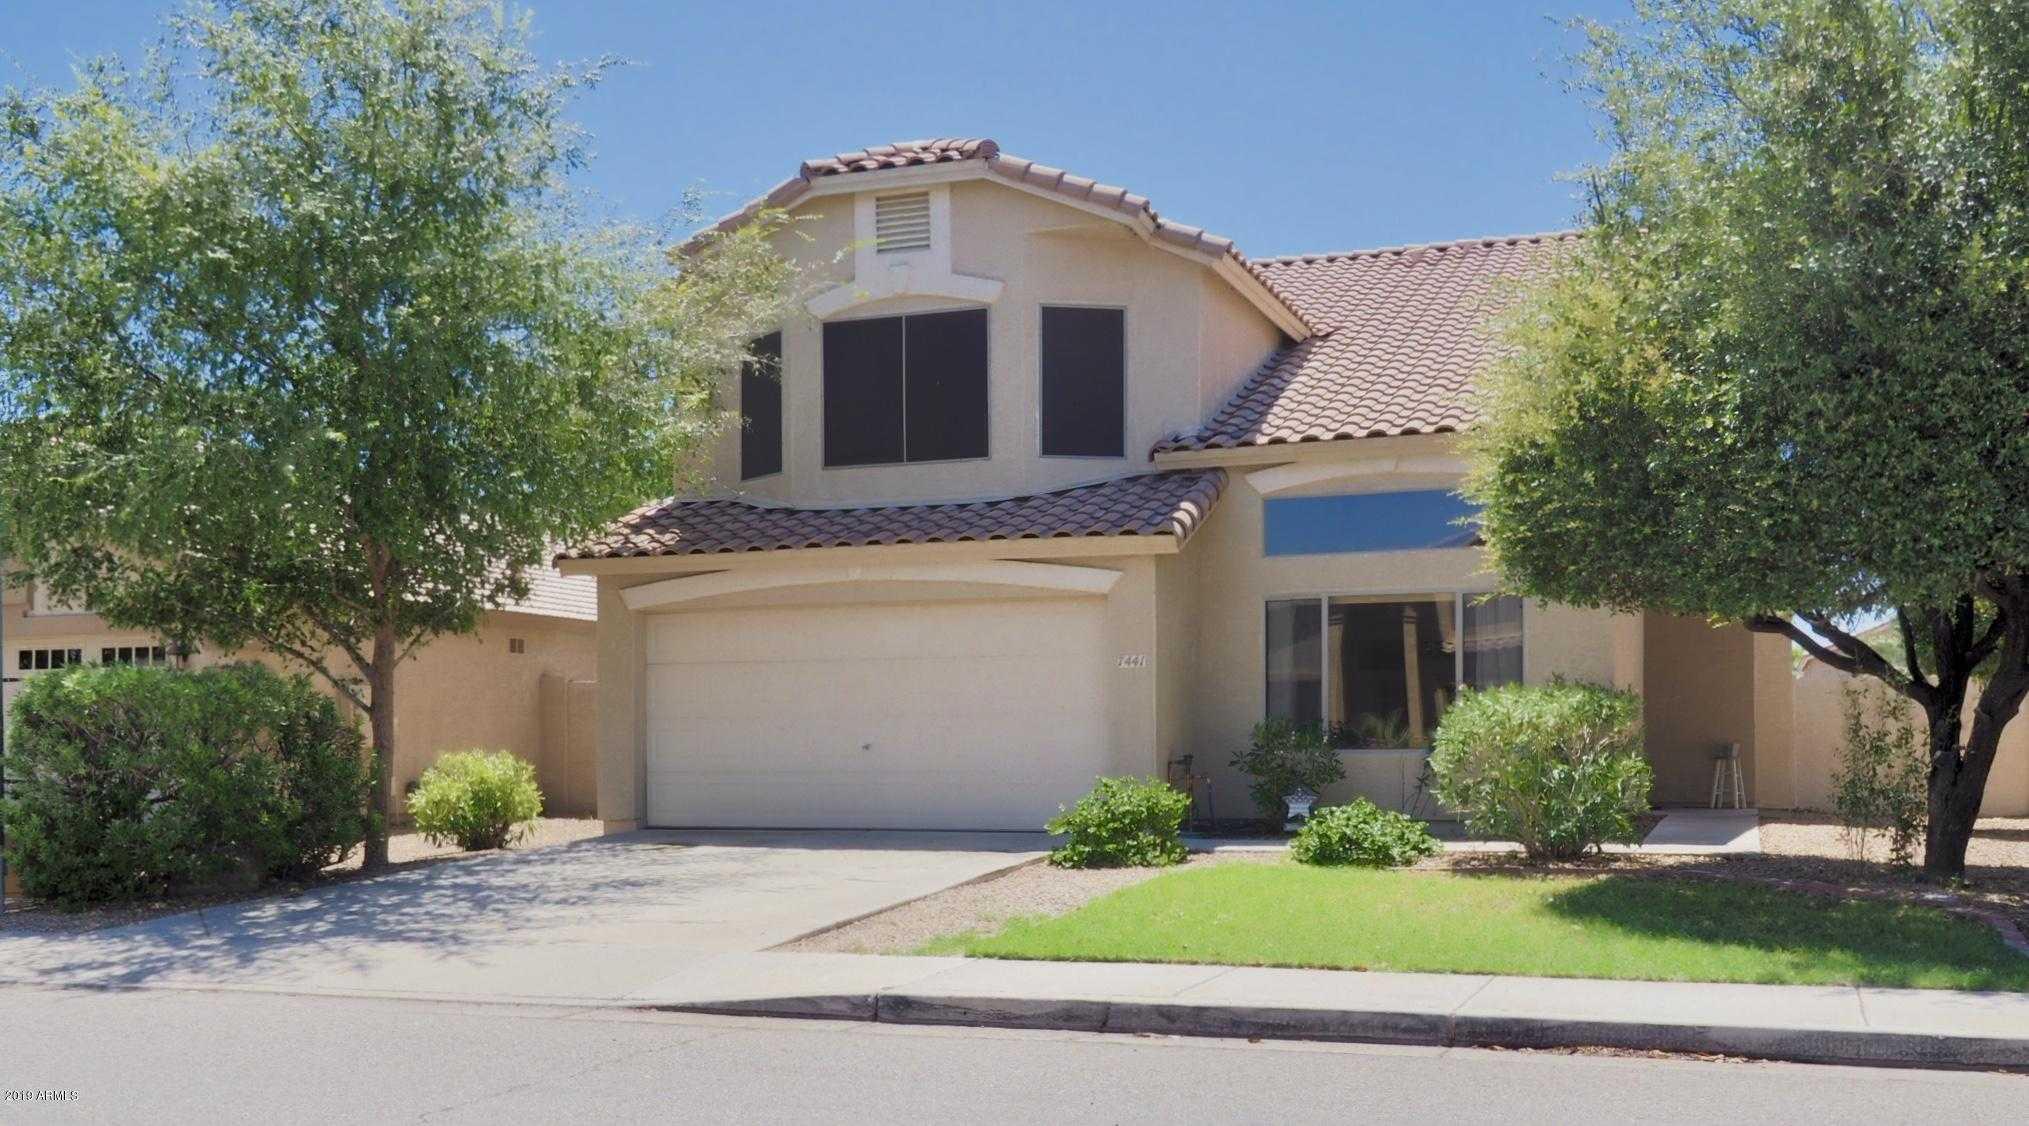 $379,000 - 5Br/3Ba - Home for Sale in Sierra Verde Parcel N, Glendale